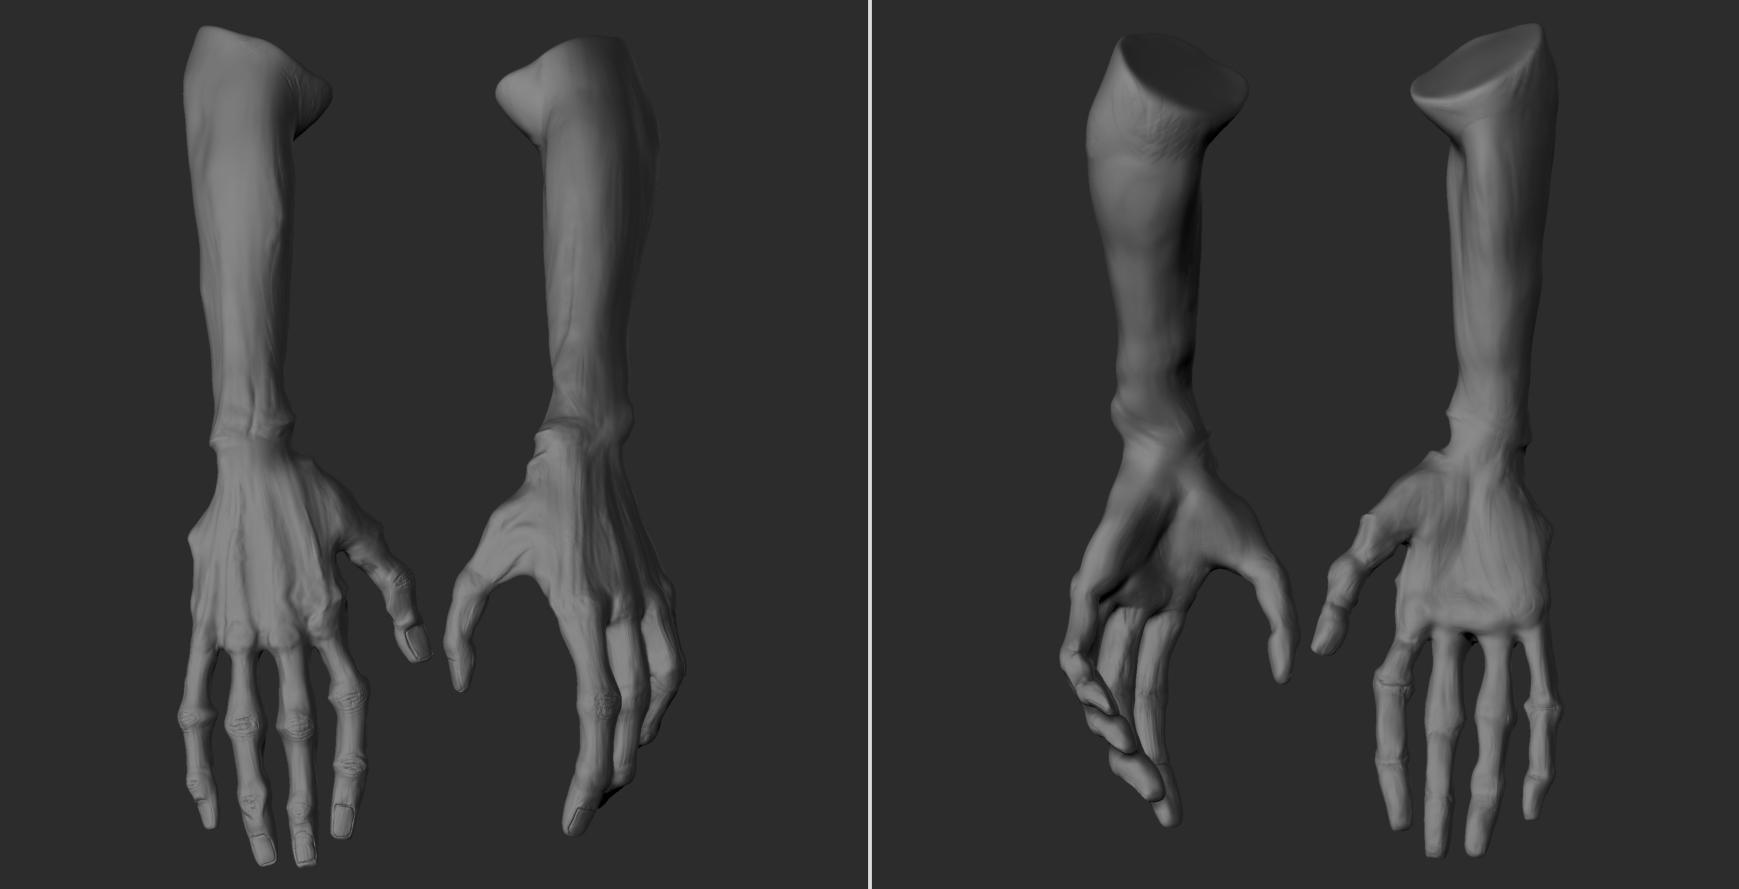 Egn_Hands_B_v03.jpg